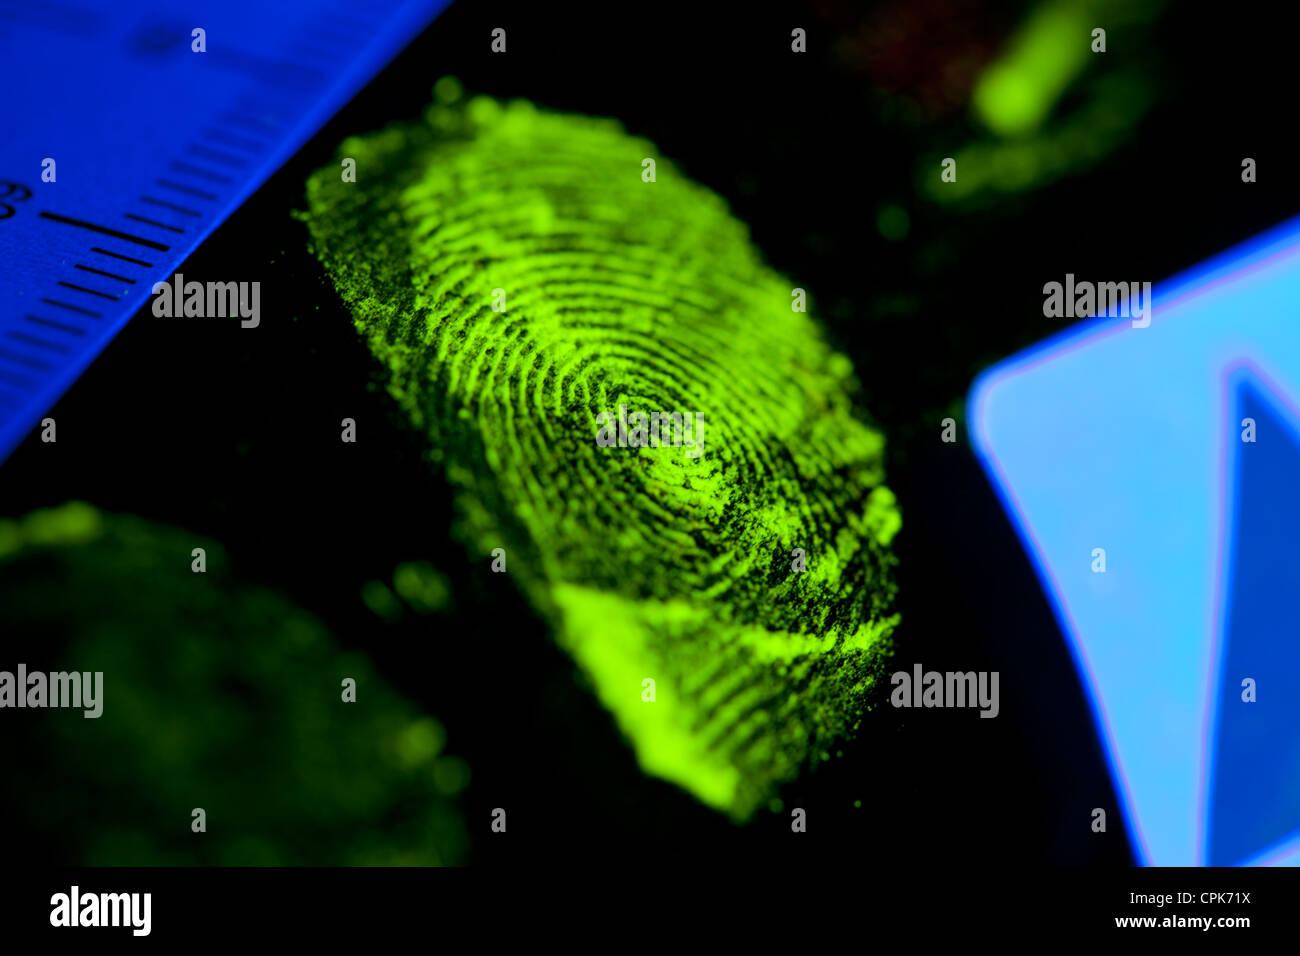 Crime scene fingerprint on object enhanced with ultraviolet dusting powder and photographed under ultraviolet light - Stock Image